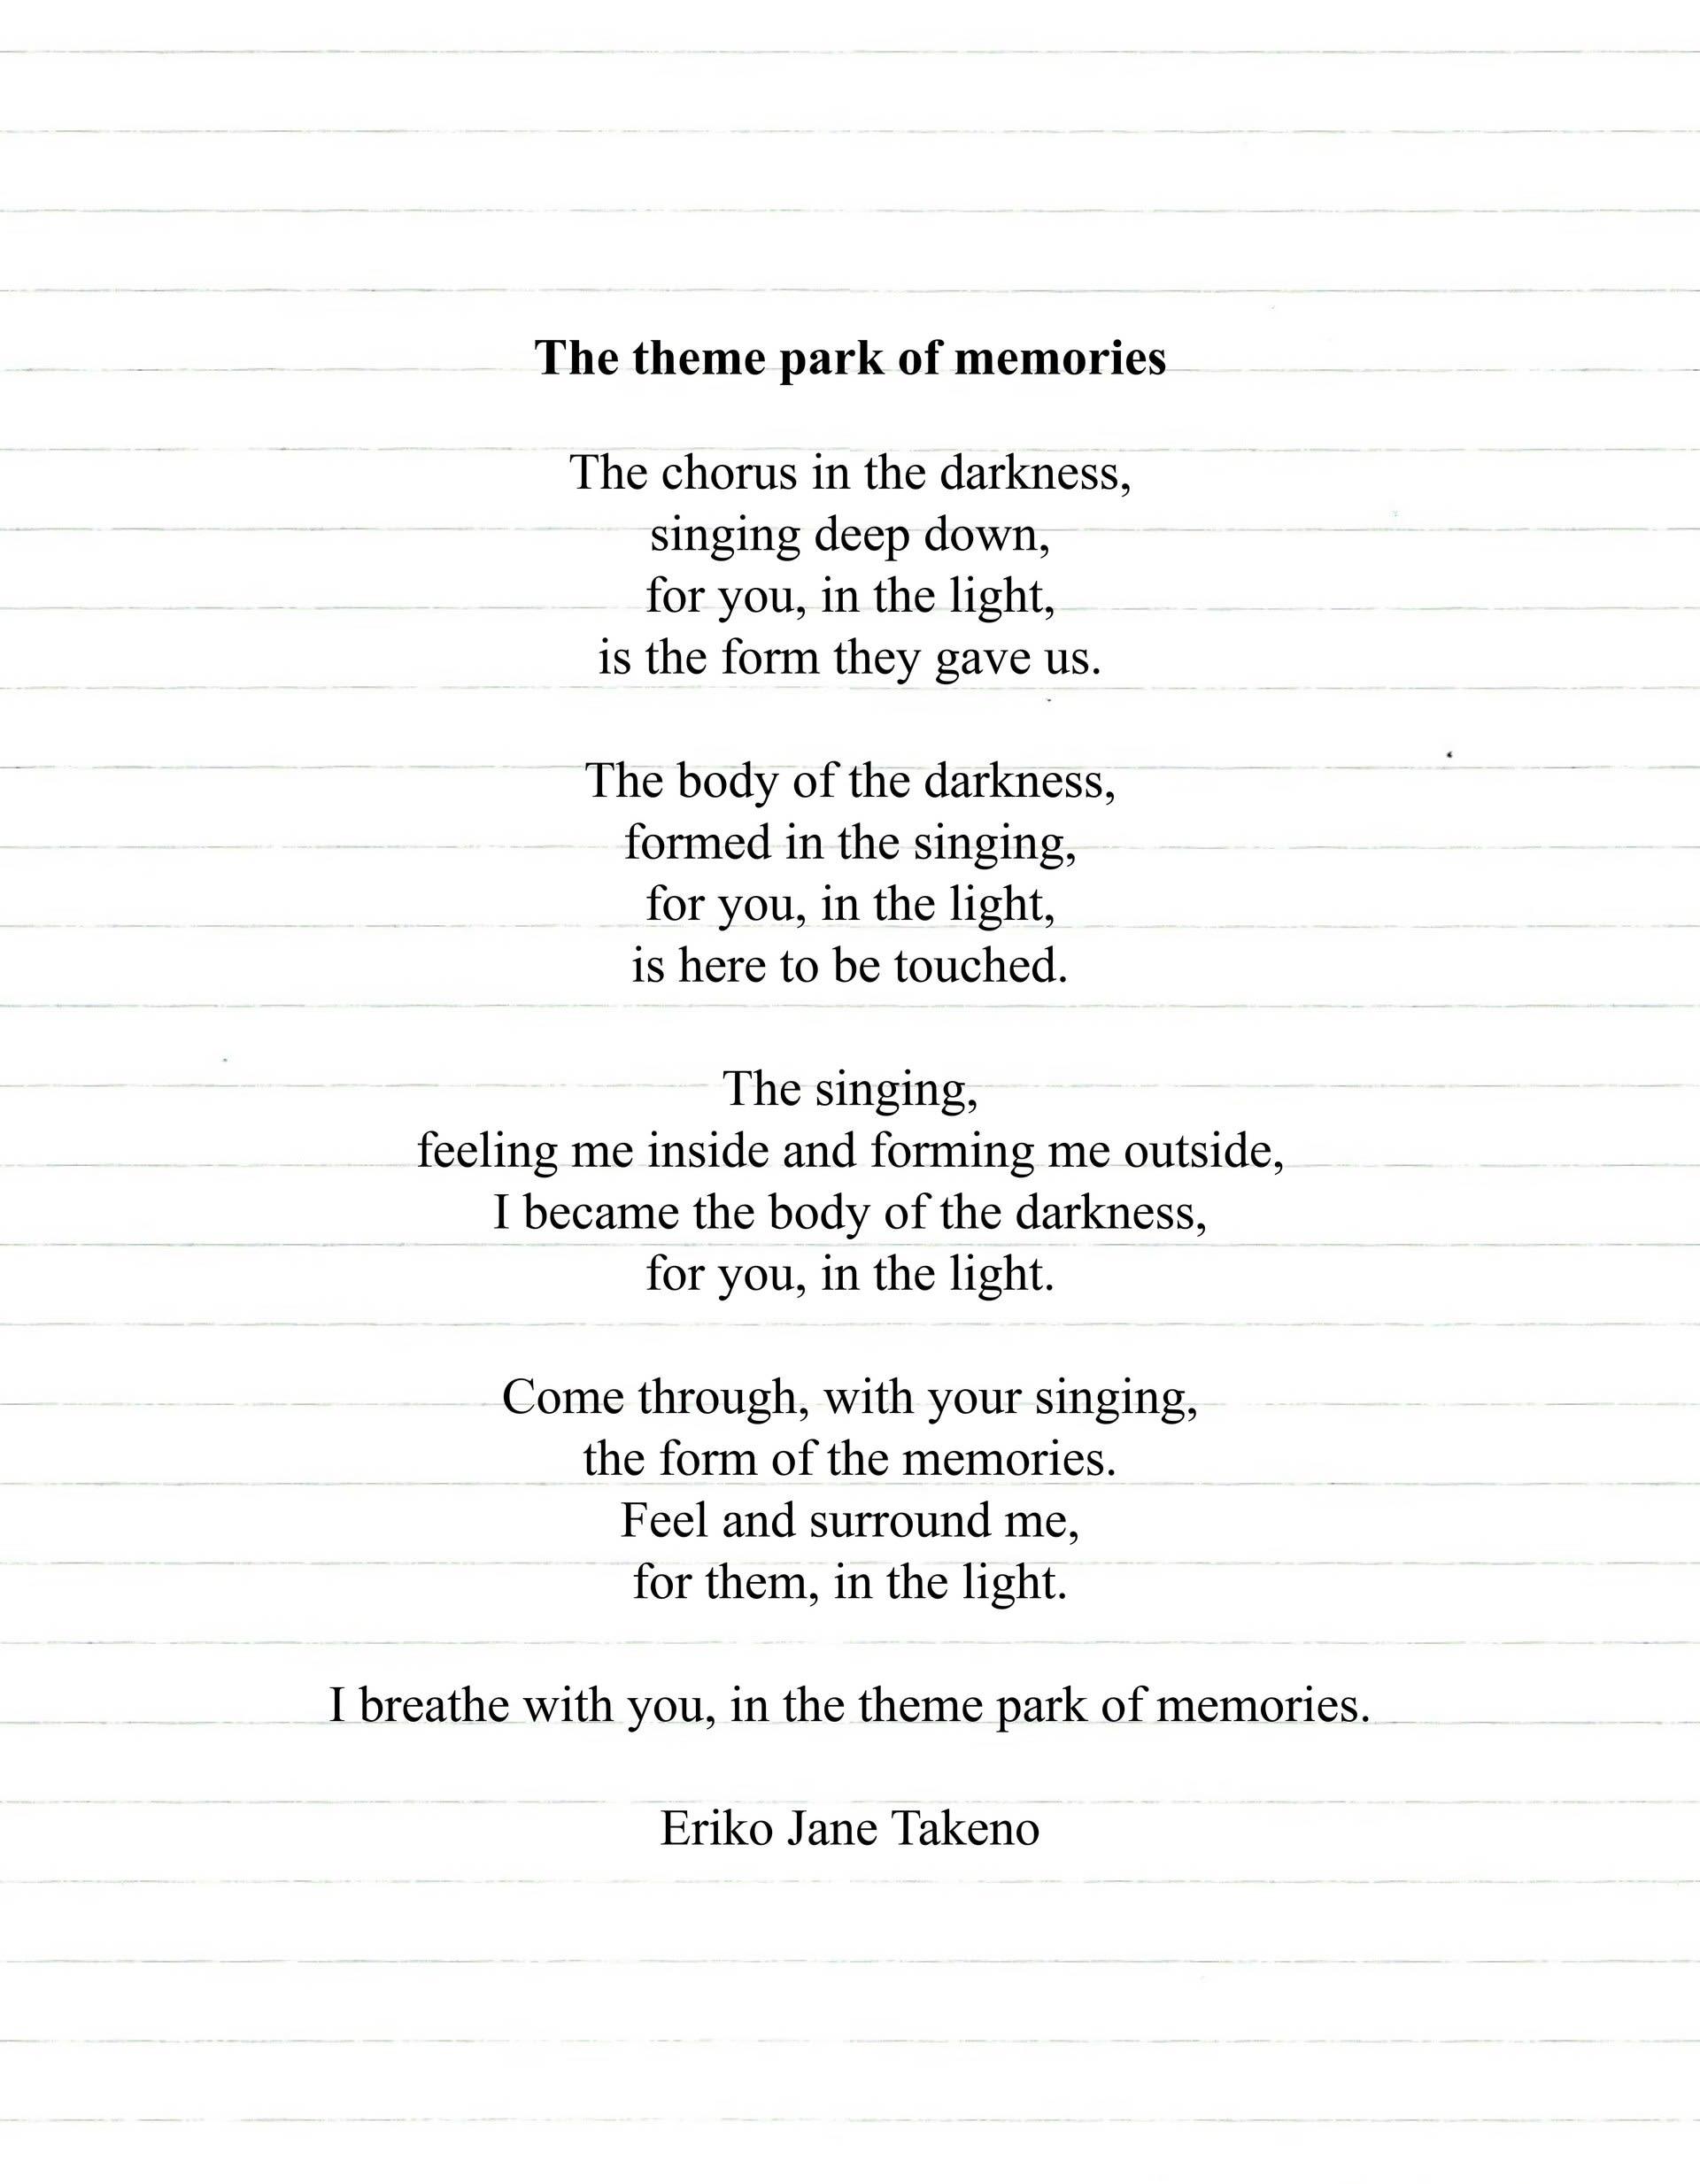 'The Theme Park of Memories' by Eriko Jane Takeno, 2020